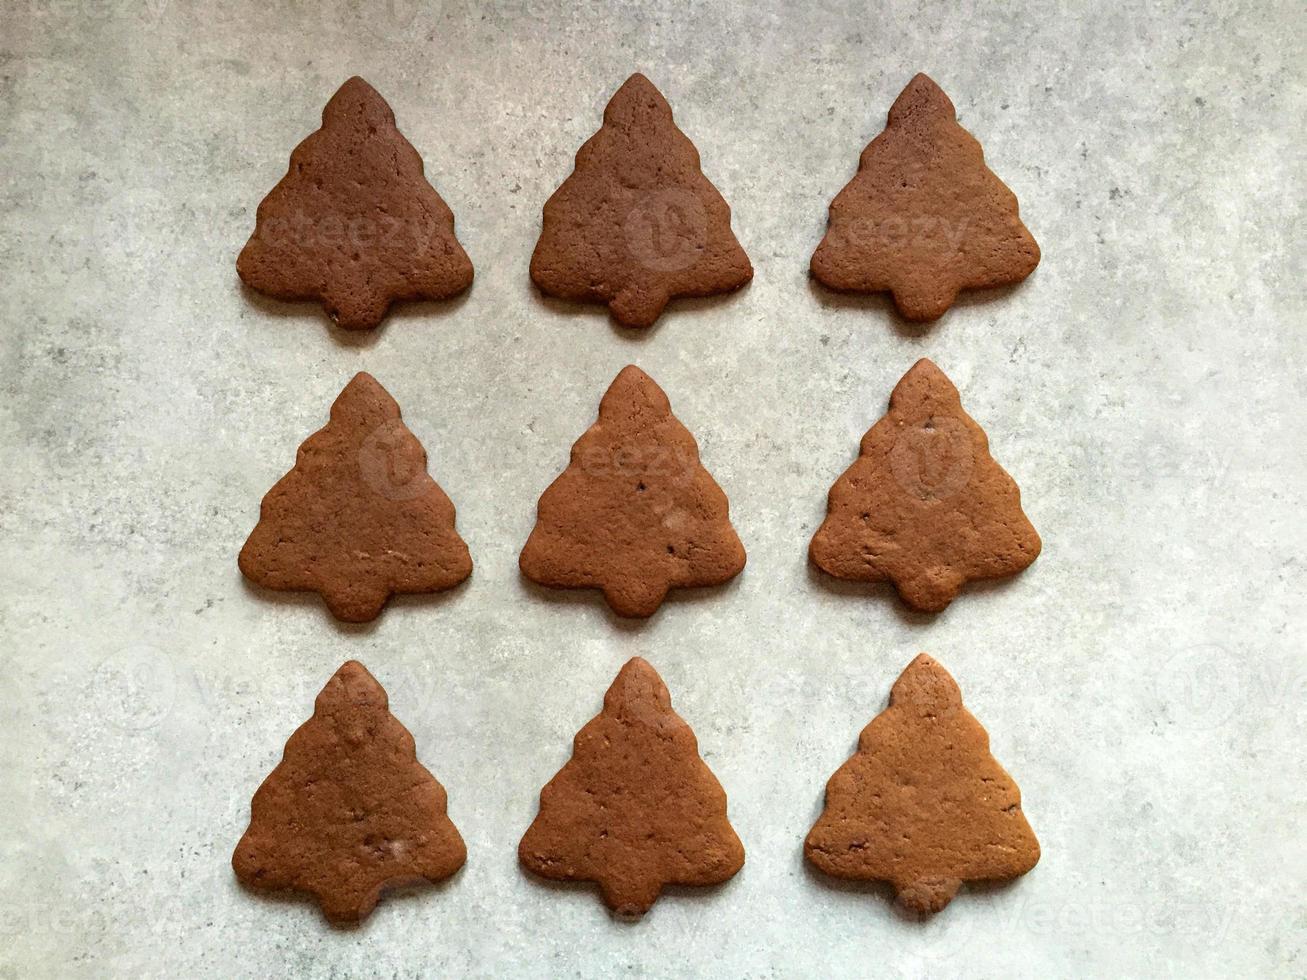 pepparkakor julkakor formade som träd på köksbänken foto